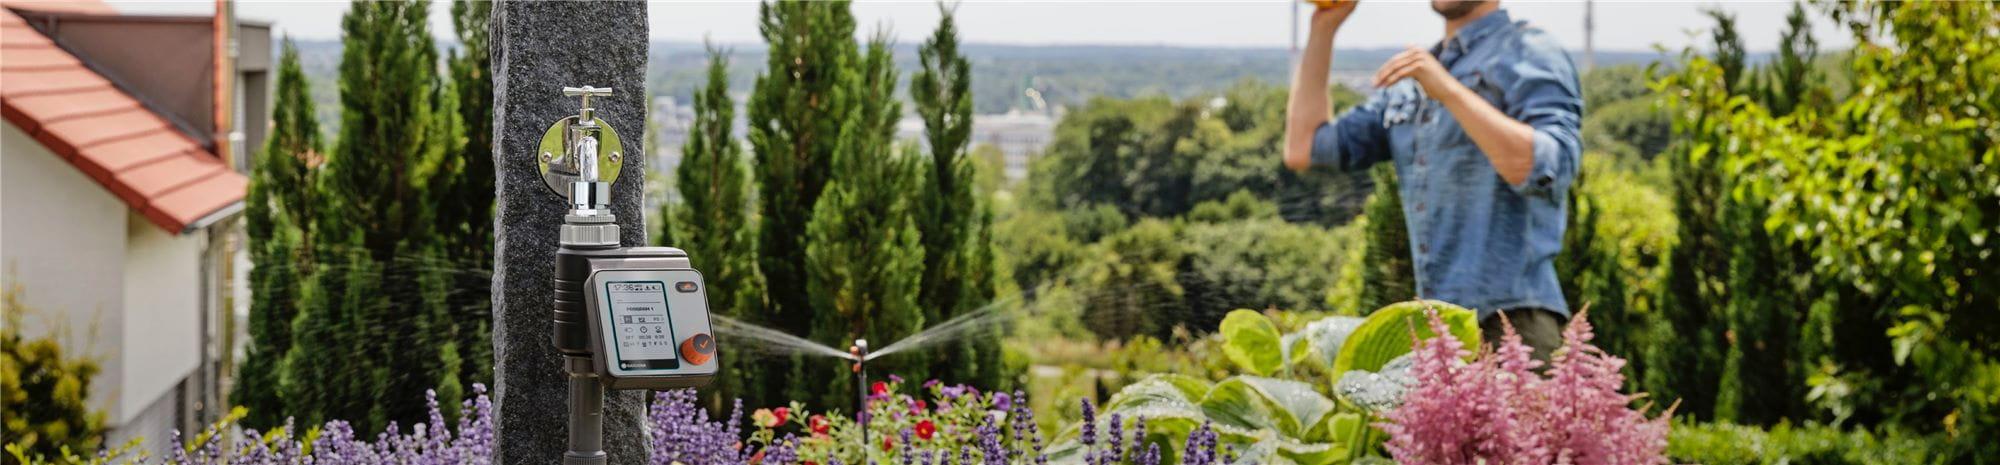 Systeme Arrosage Potager Vacances les solutions d'arrosage automatique - gardena